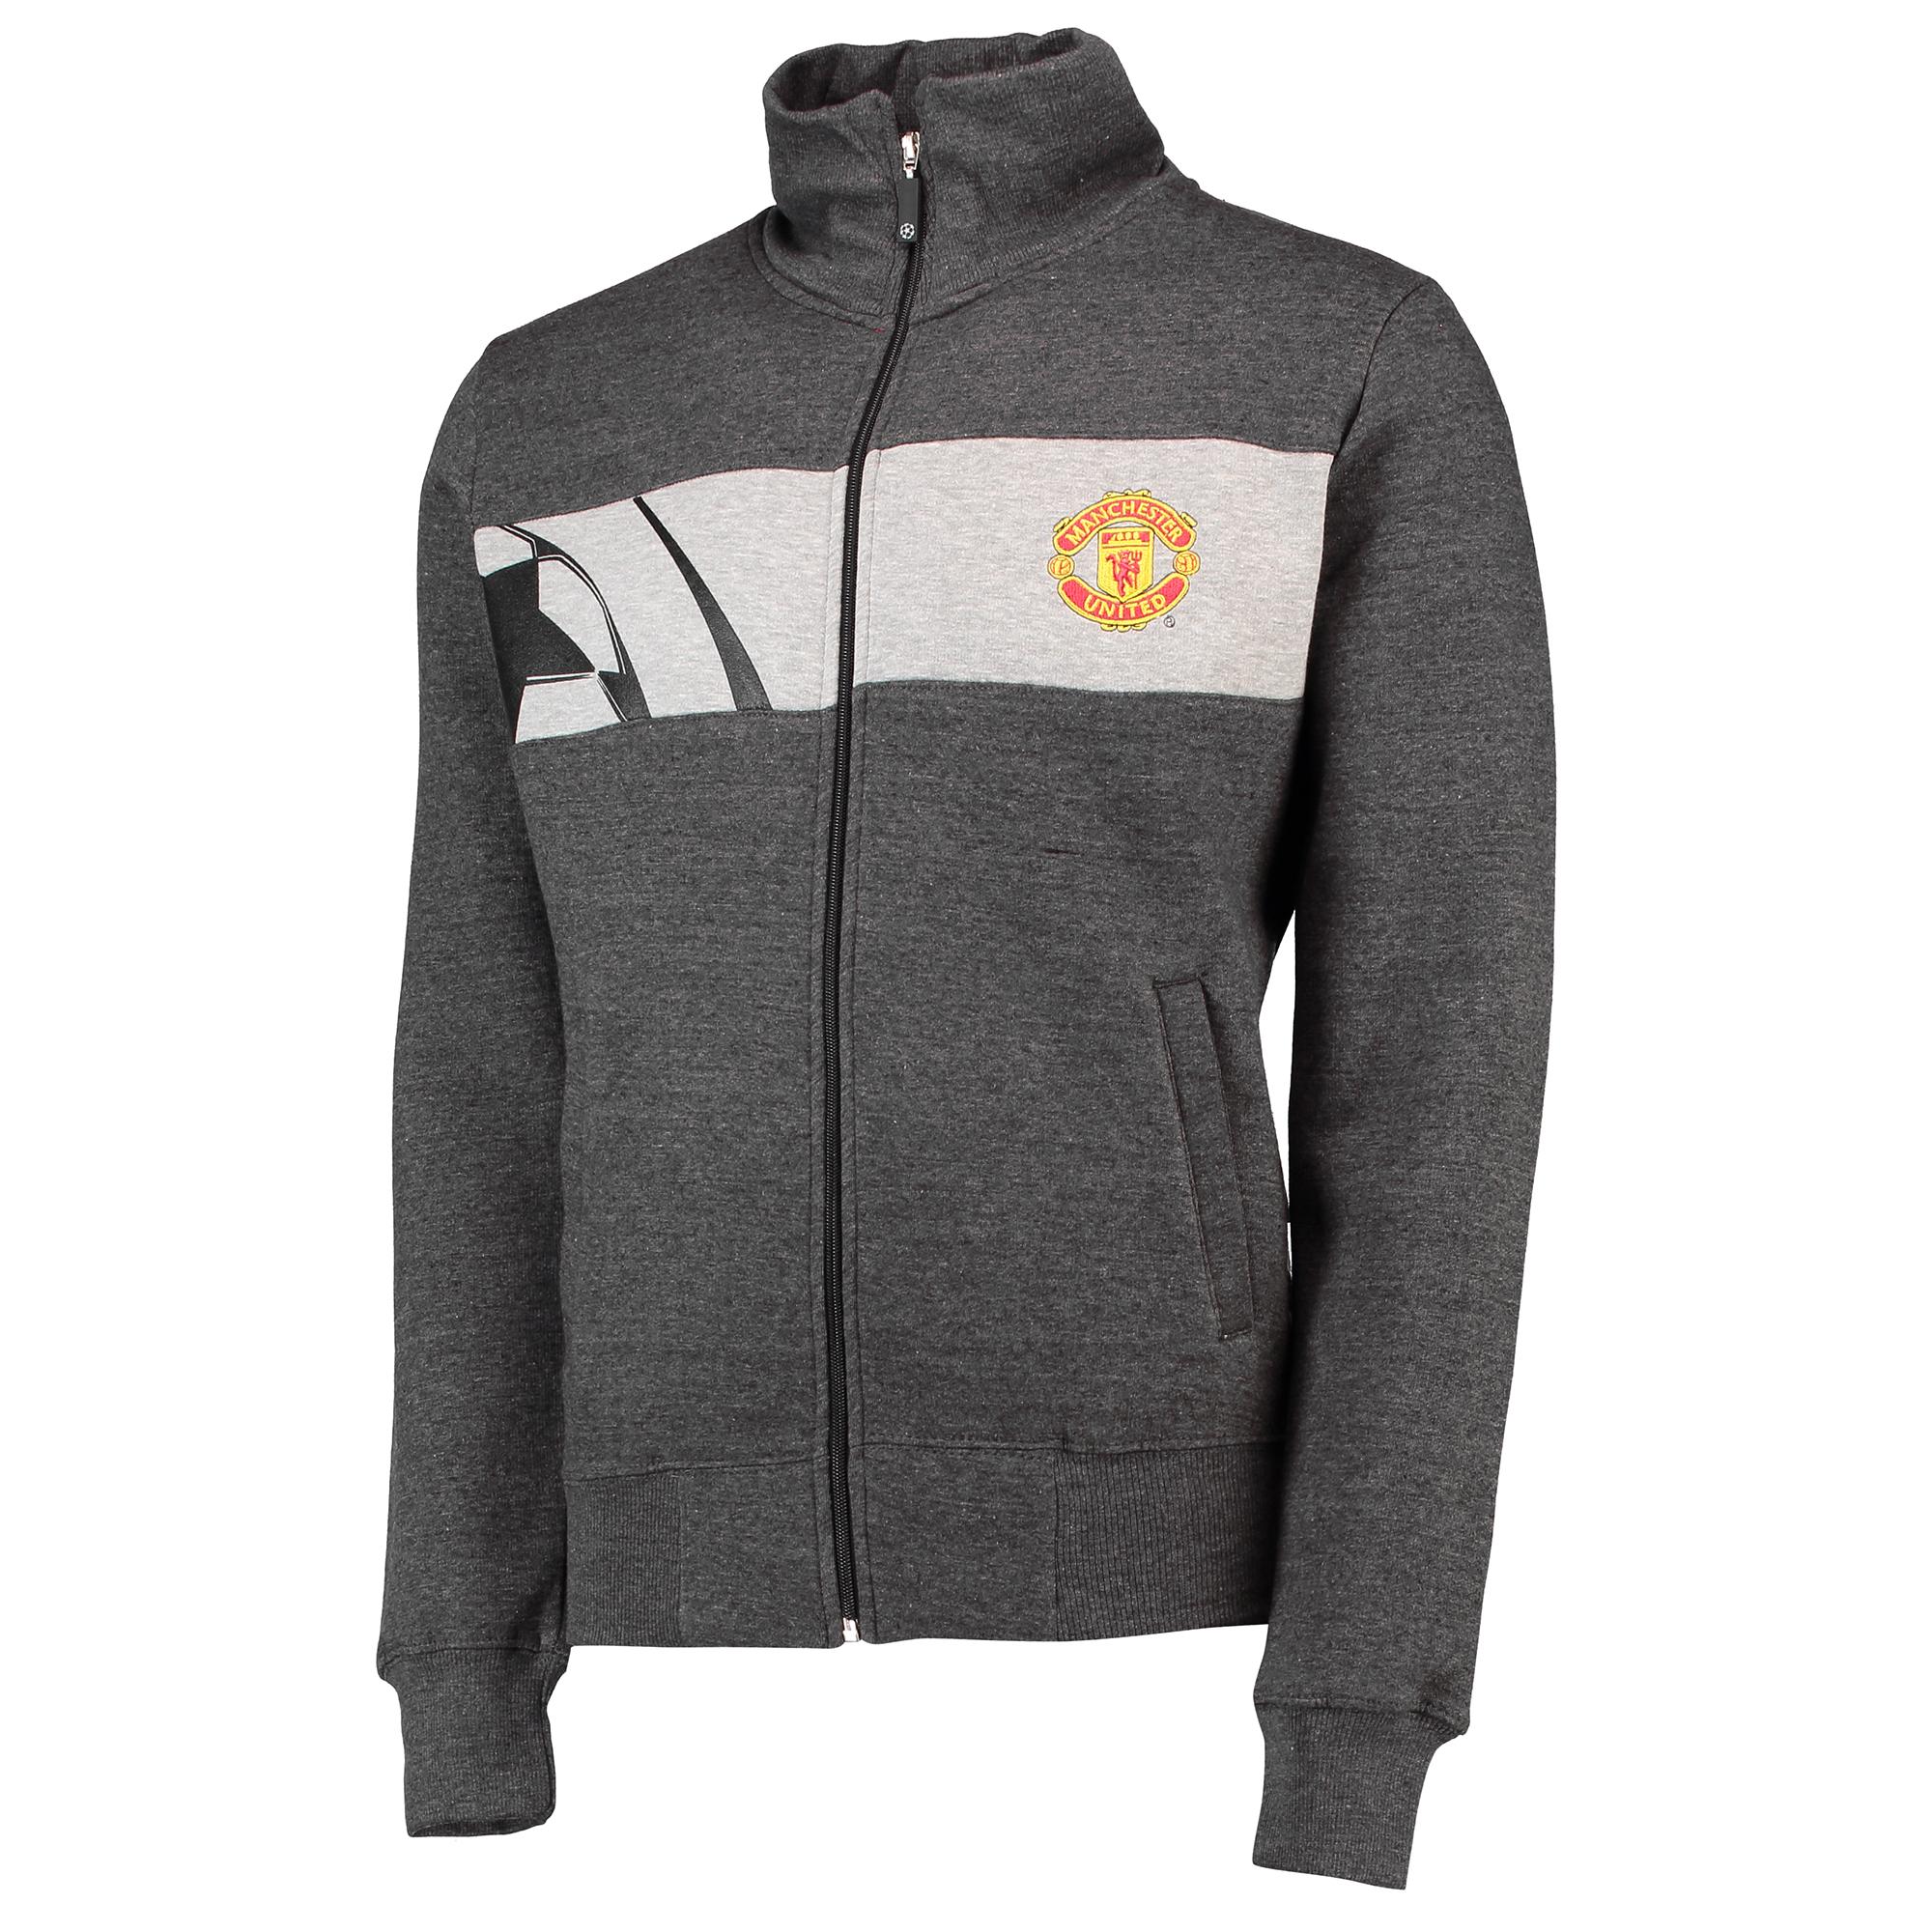 Veste de survêtement Manchester United UEFA Champions League Silverwear - Bleu marine - Homme